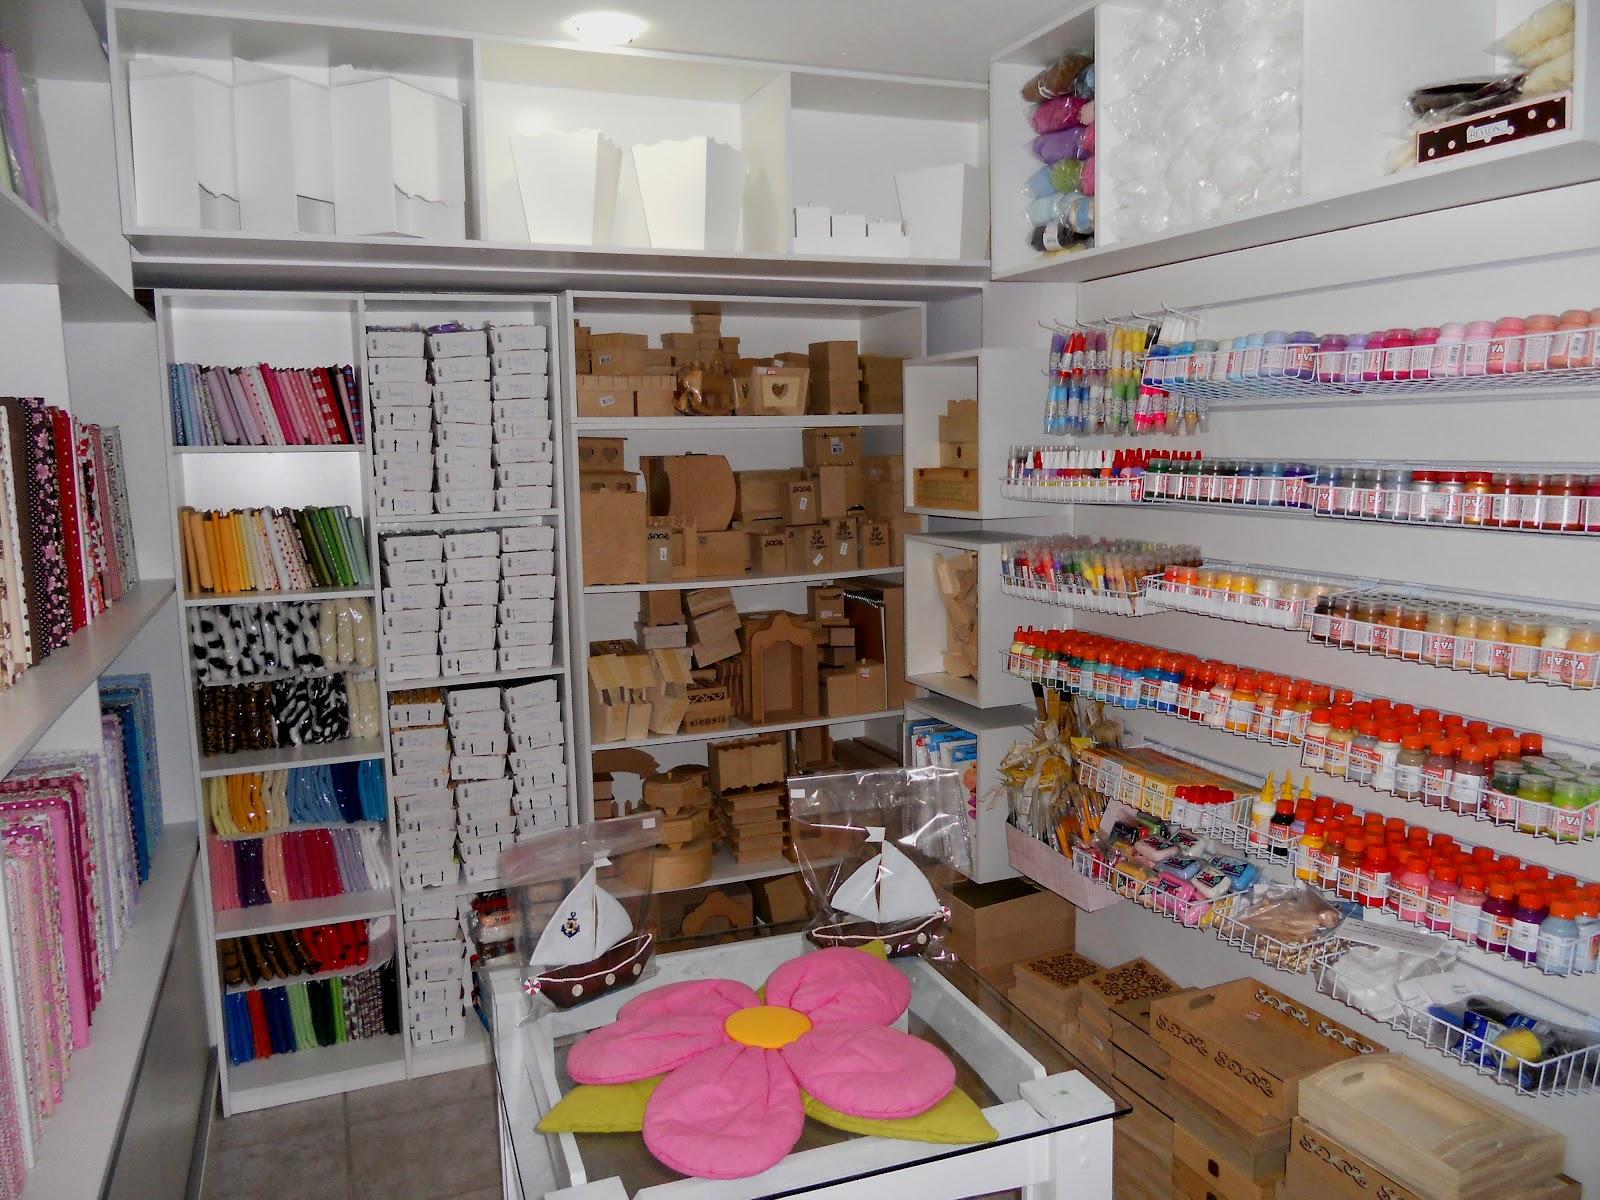 Artesanato Em Feltro Para Pascoa ~ Artes Flor de Lilan A minha loja , Artesanato flor de lilan